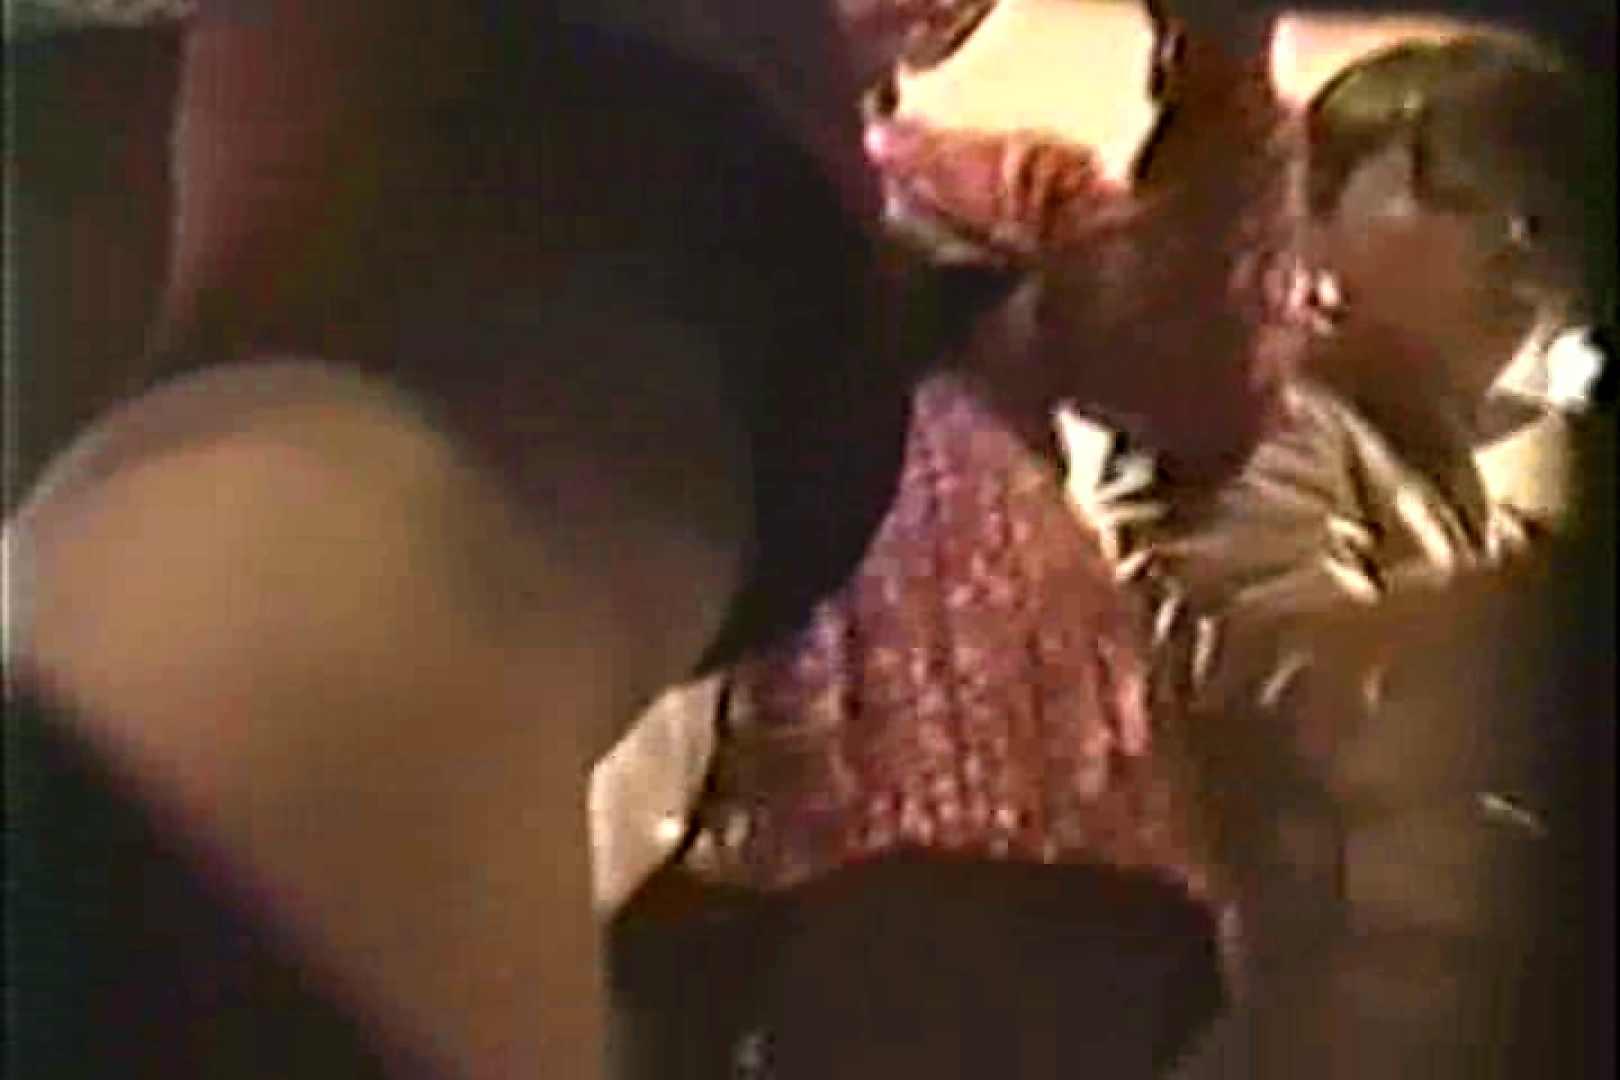 「ちくりん」さんのオリジナル未編集パンチラVol.4_02 エロティックなOL 濡れ場動画紹介 107画像 37